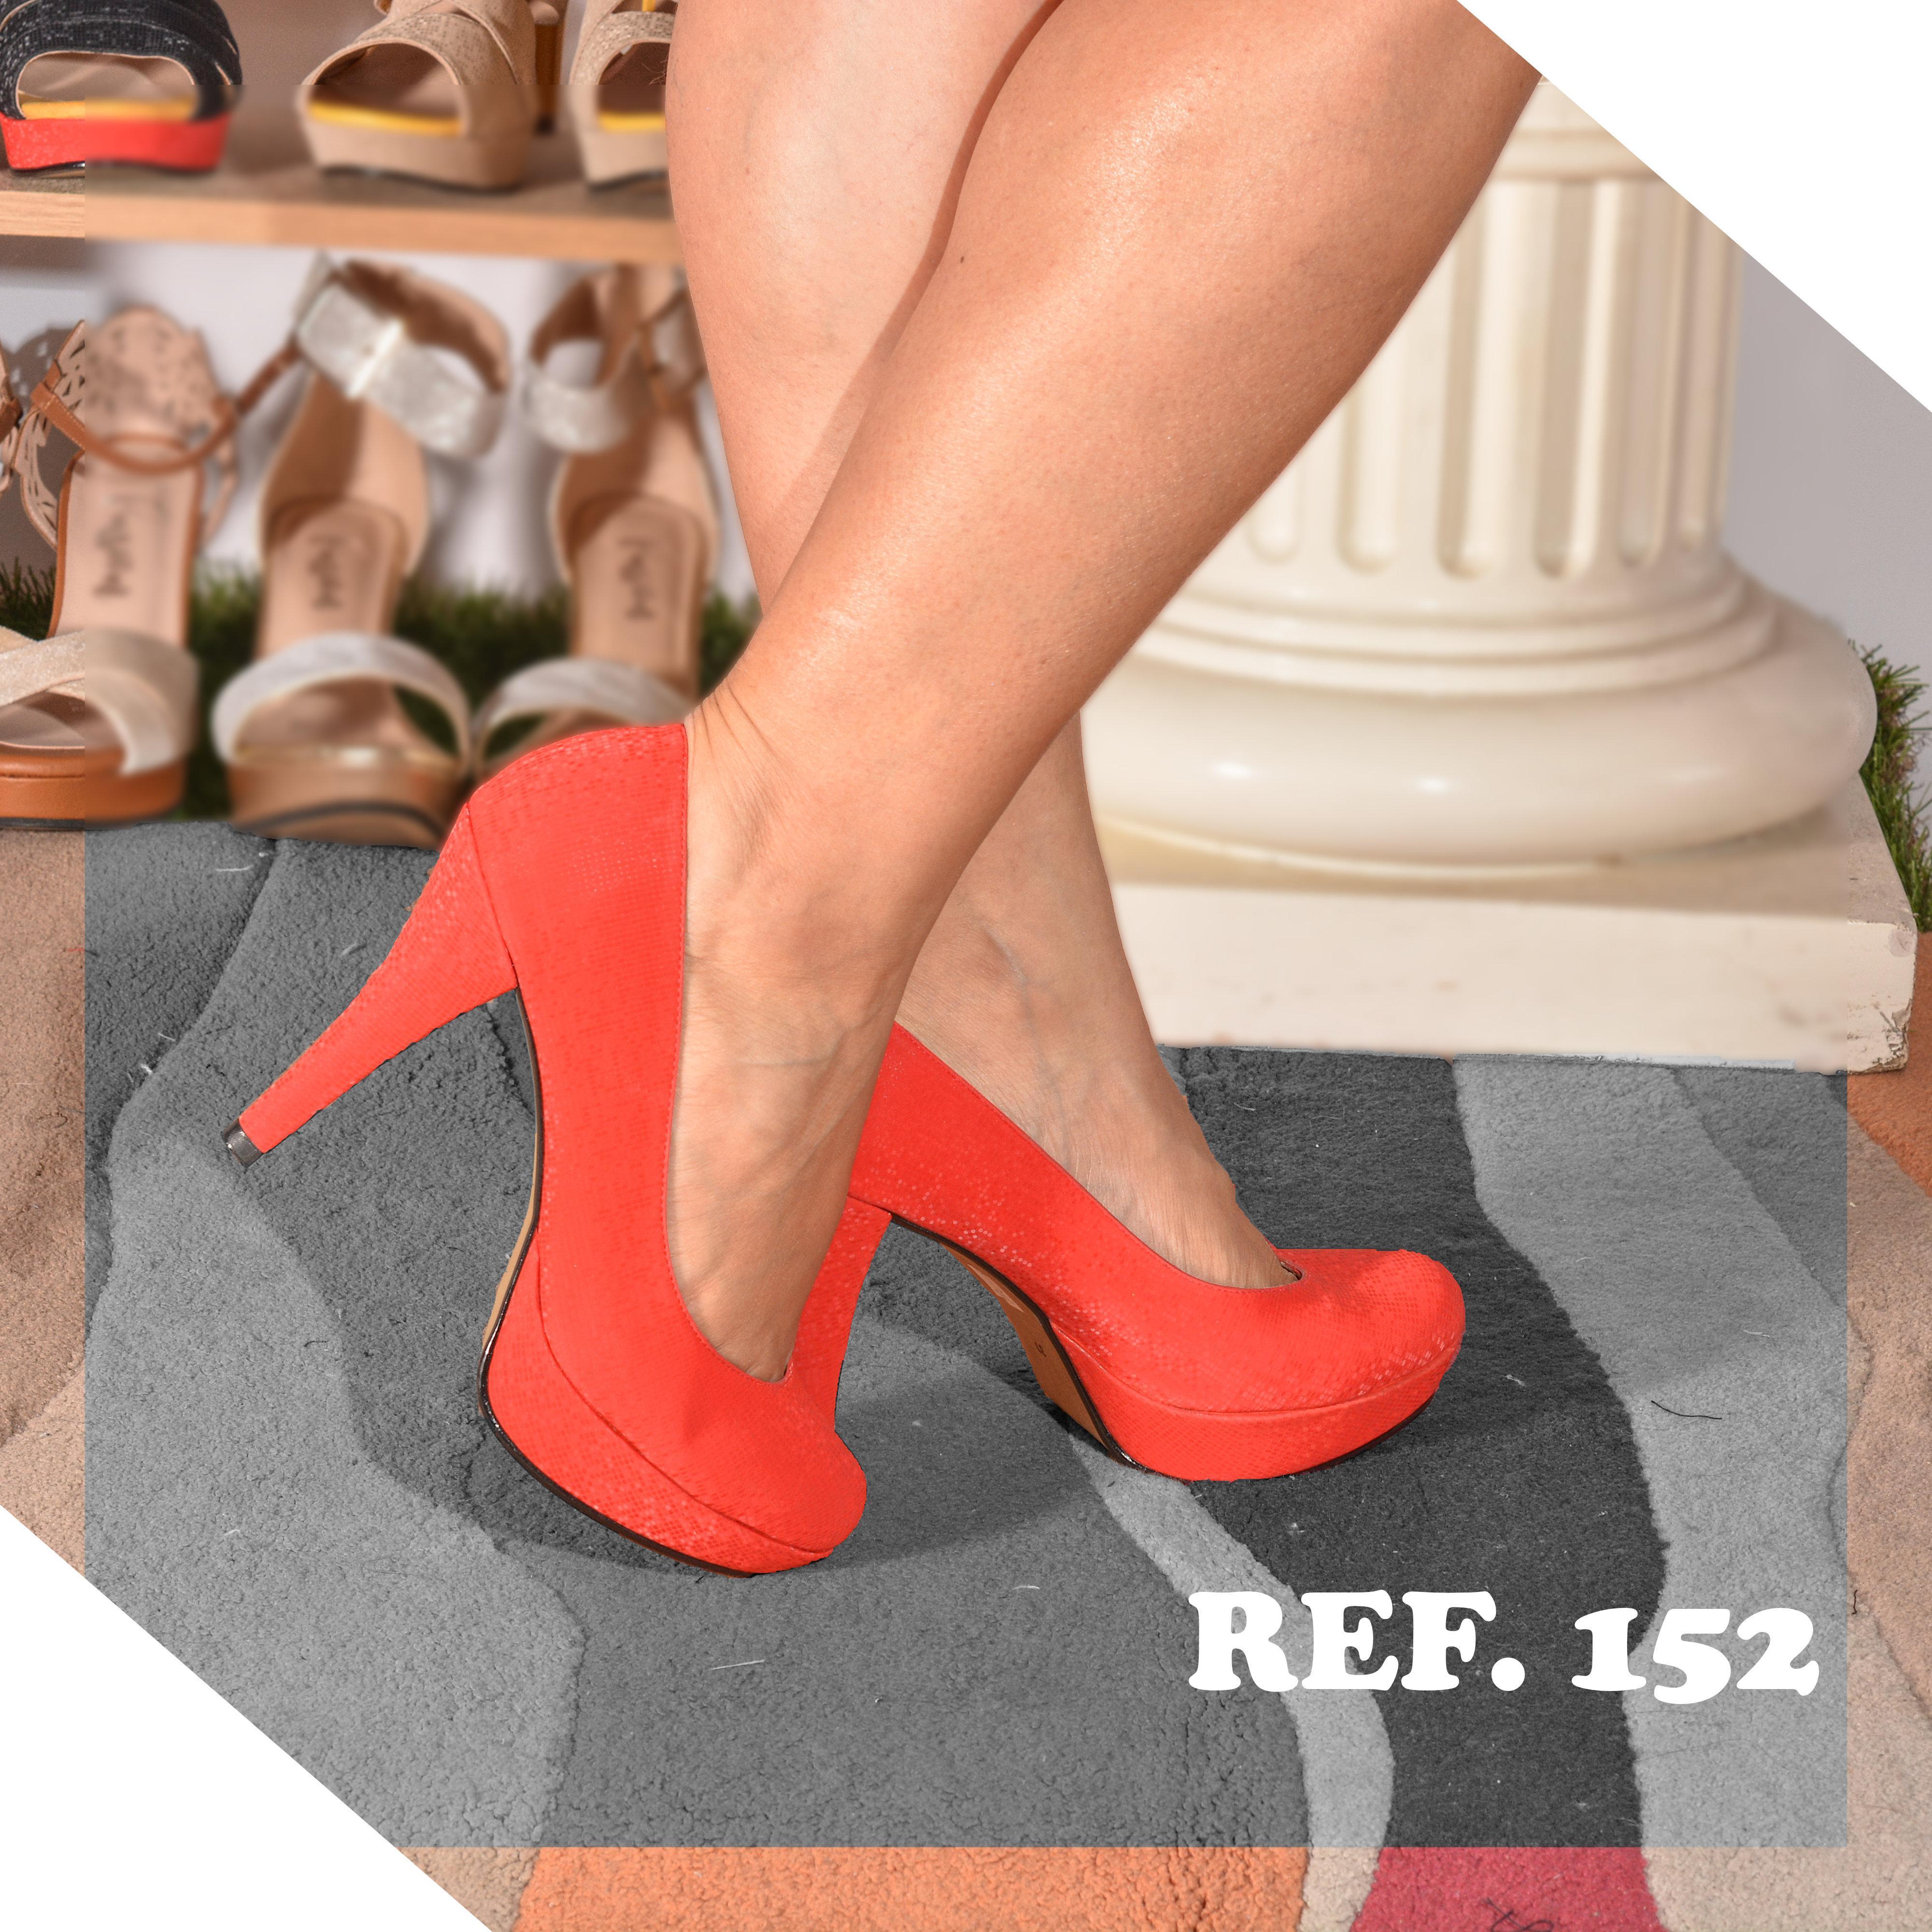 Zapatos para Dama de Tacón, Elaborados en Colombia, Color Rojo